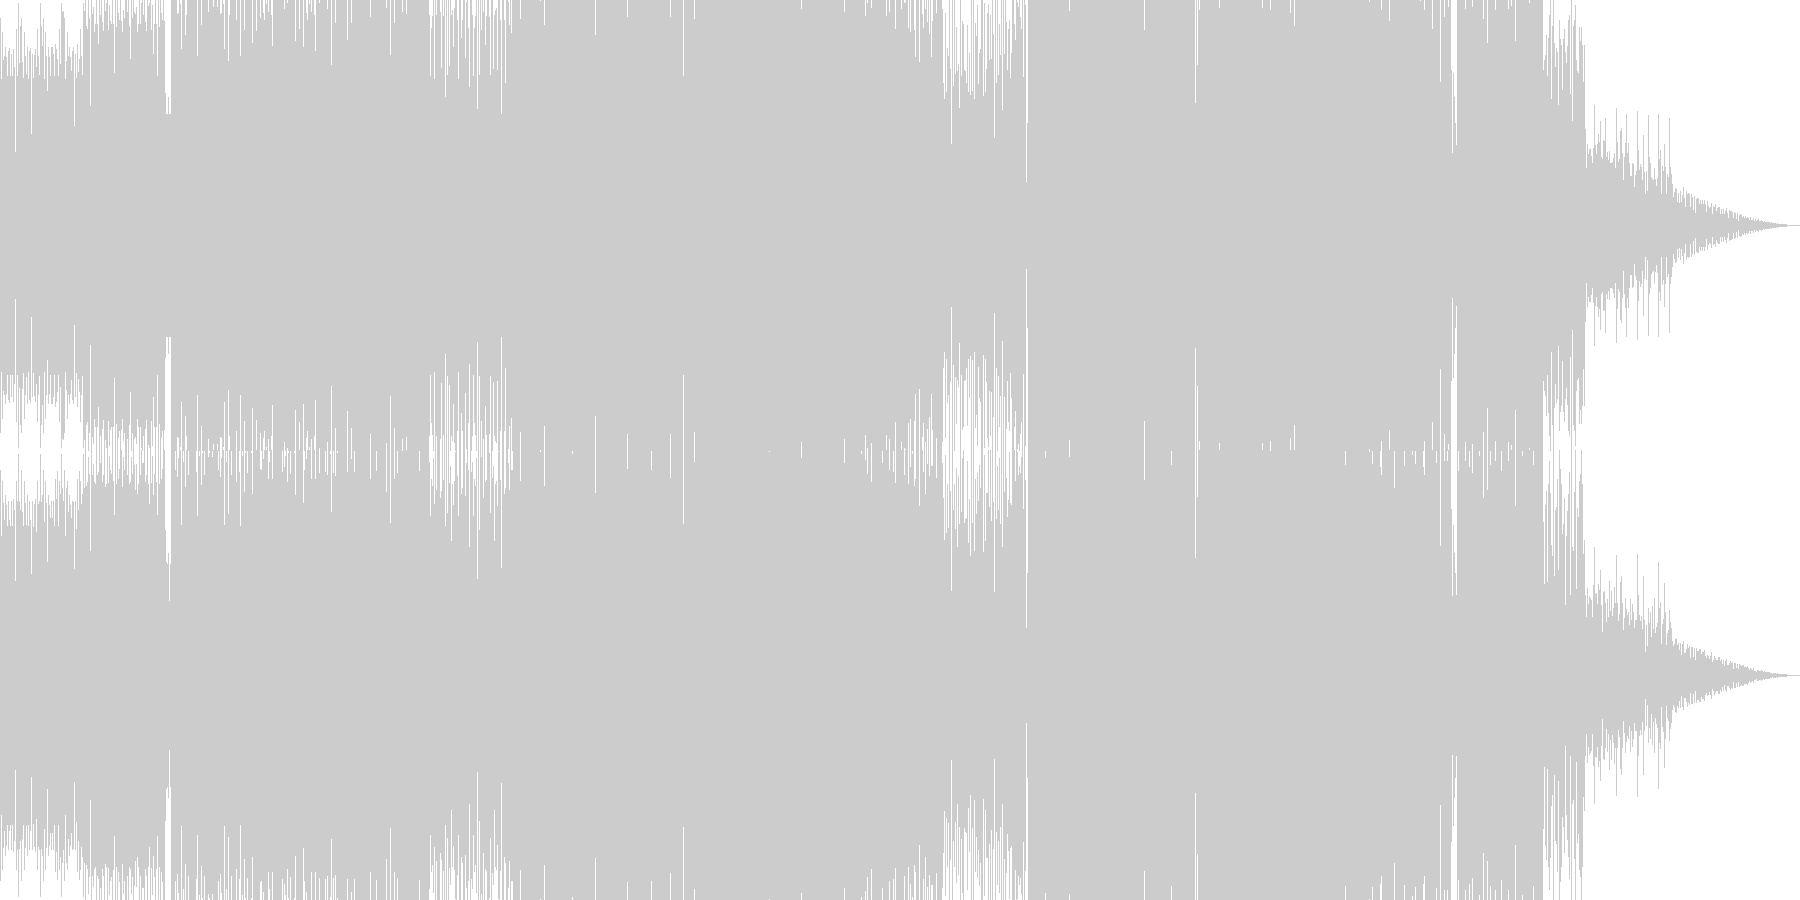 バレアリックなテックハウスBGMの未再生の波形